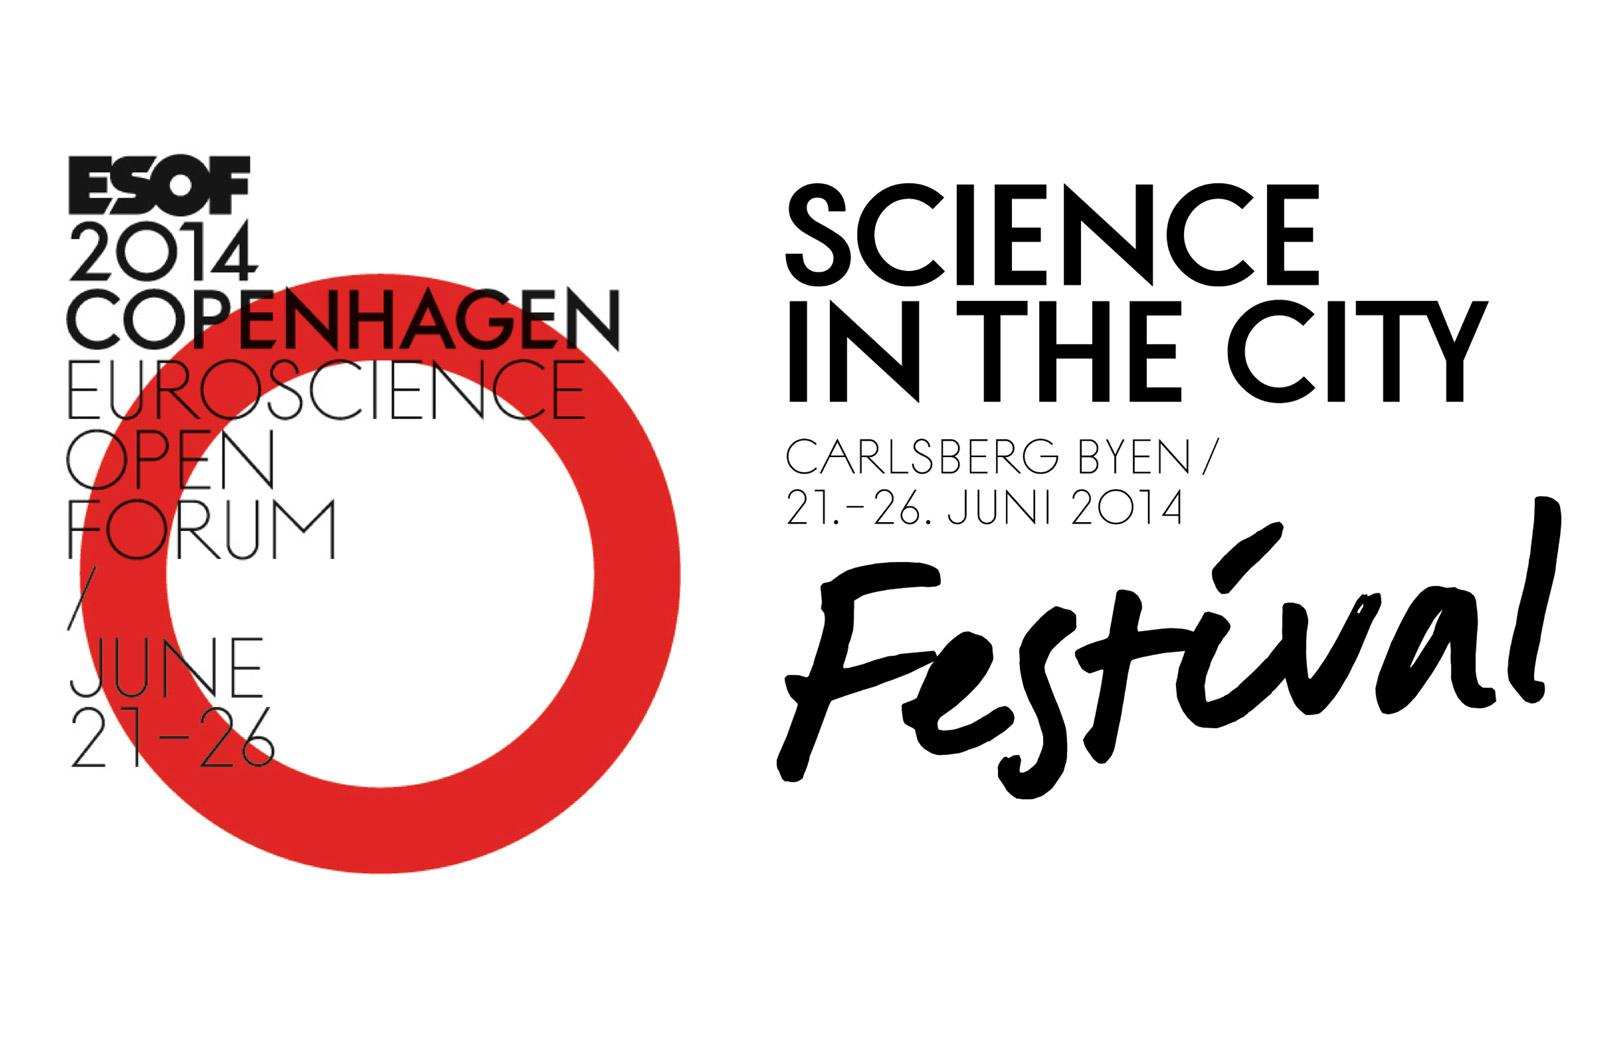 Crone & Co skal håndtere videnskabens OL i København